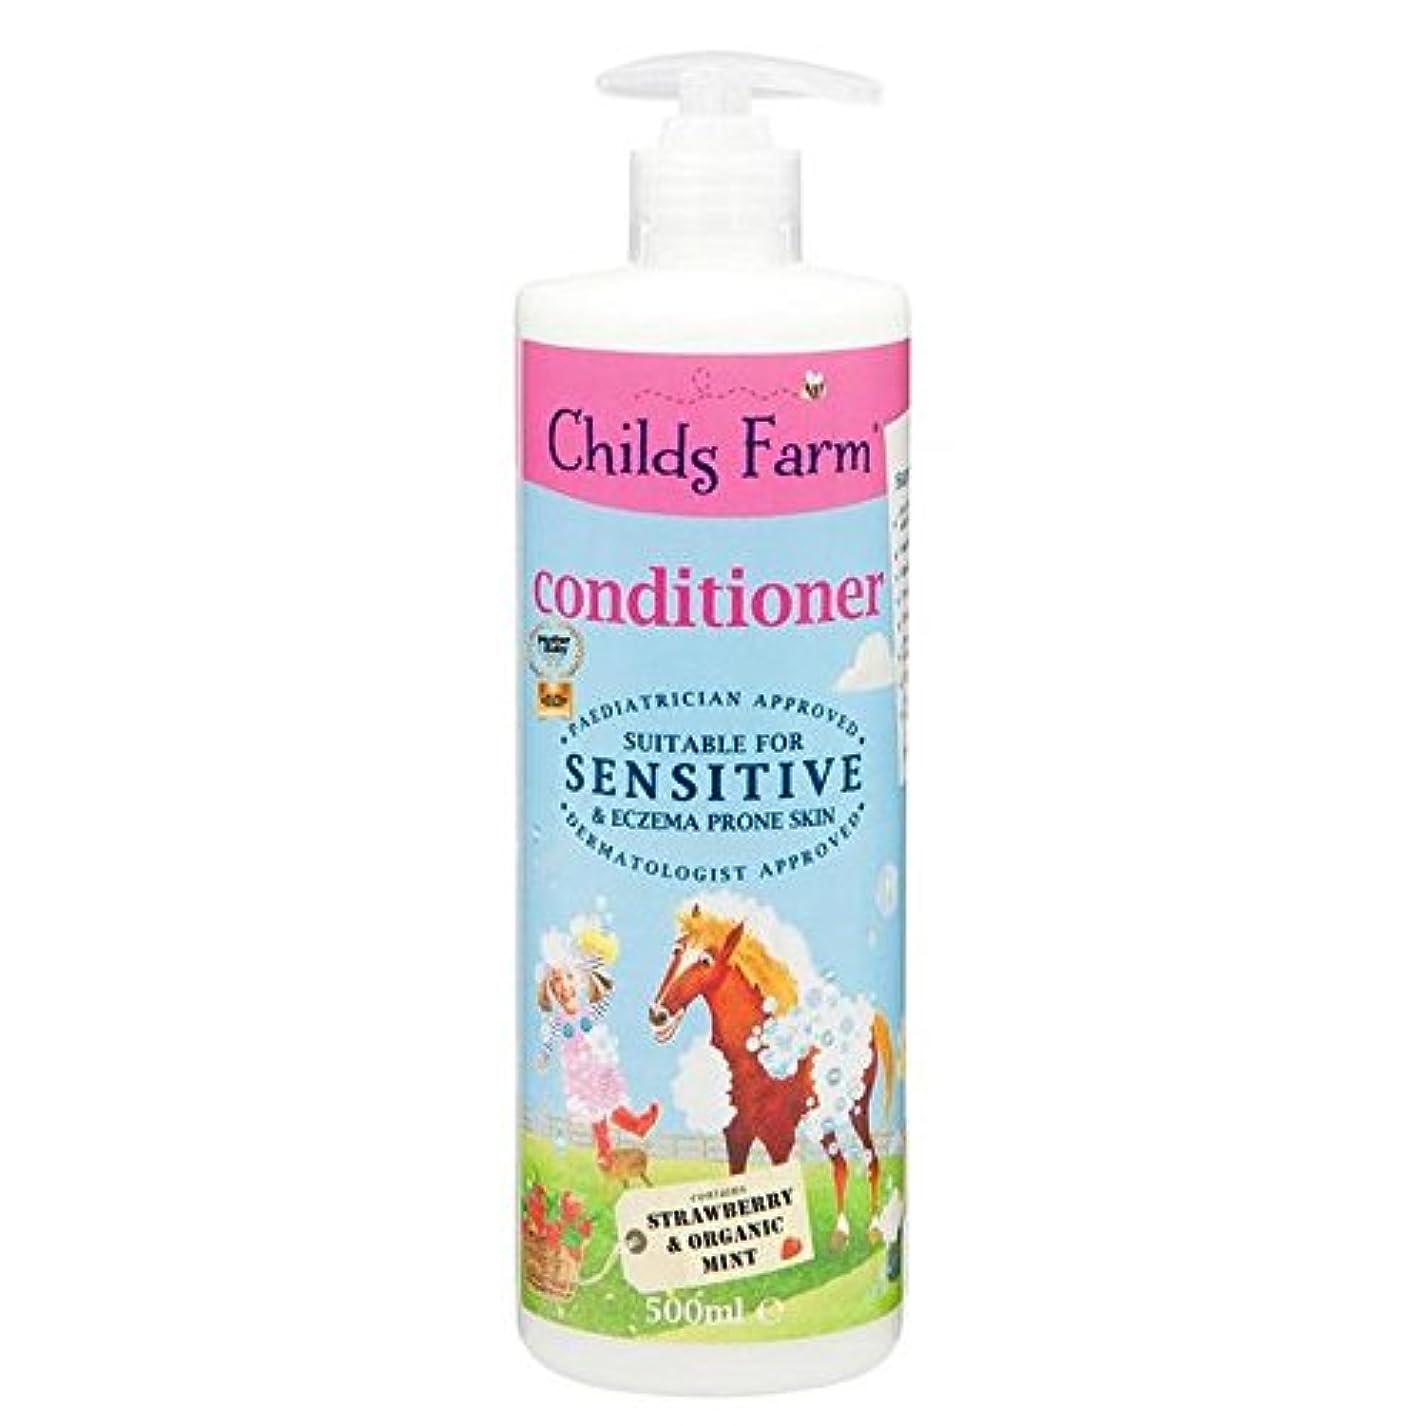 密自宅でオフセットChilds Farm Conditioner for Unruly Hair 500ml - 手に負えない髪の500ミリリットルのためのチャイルズファームコンディショナー [並行輸入品]